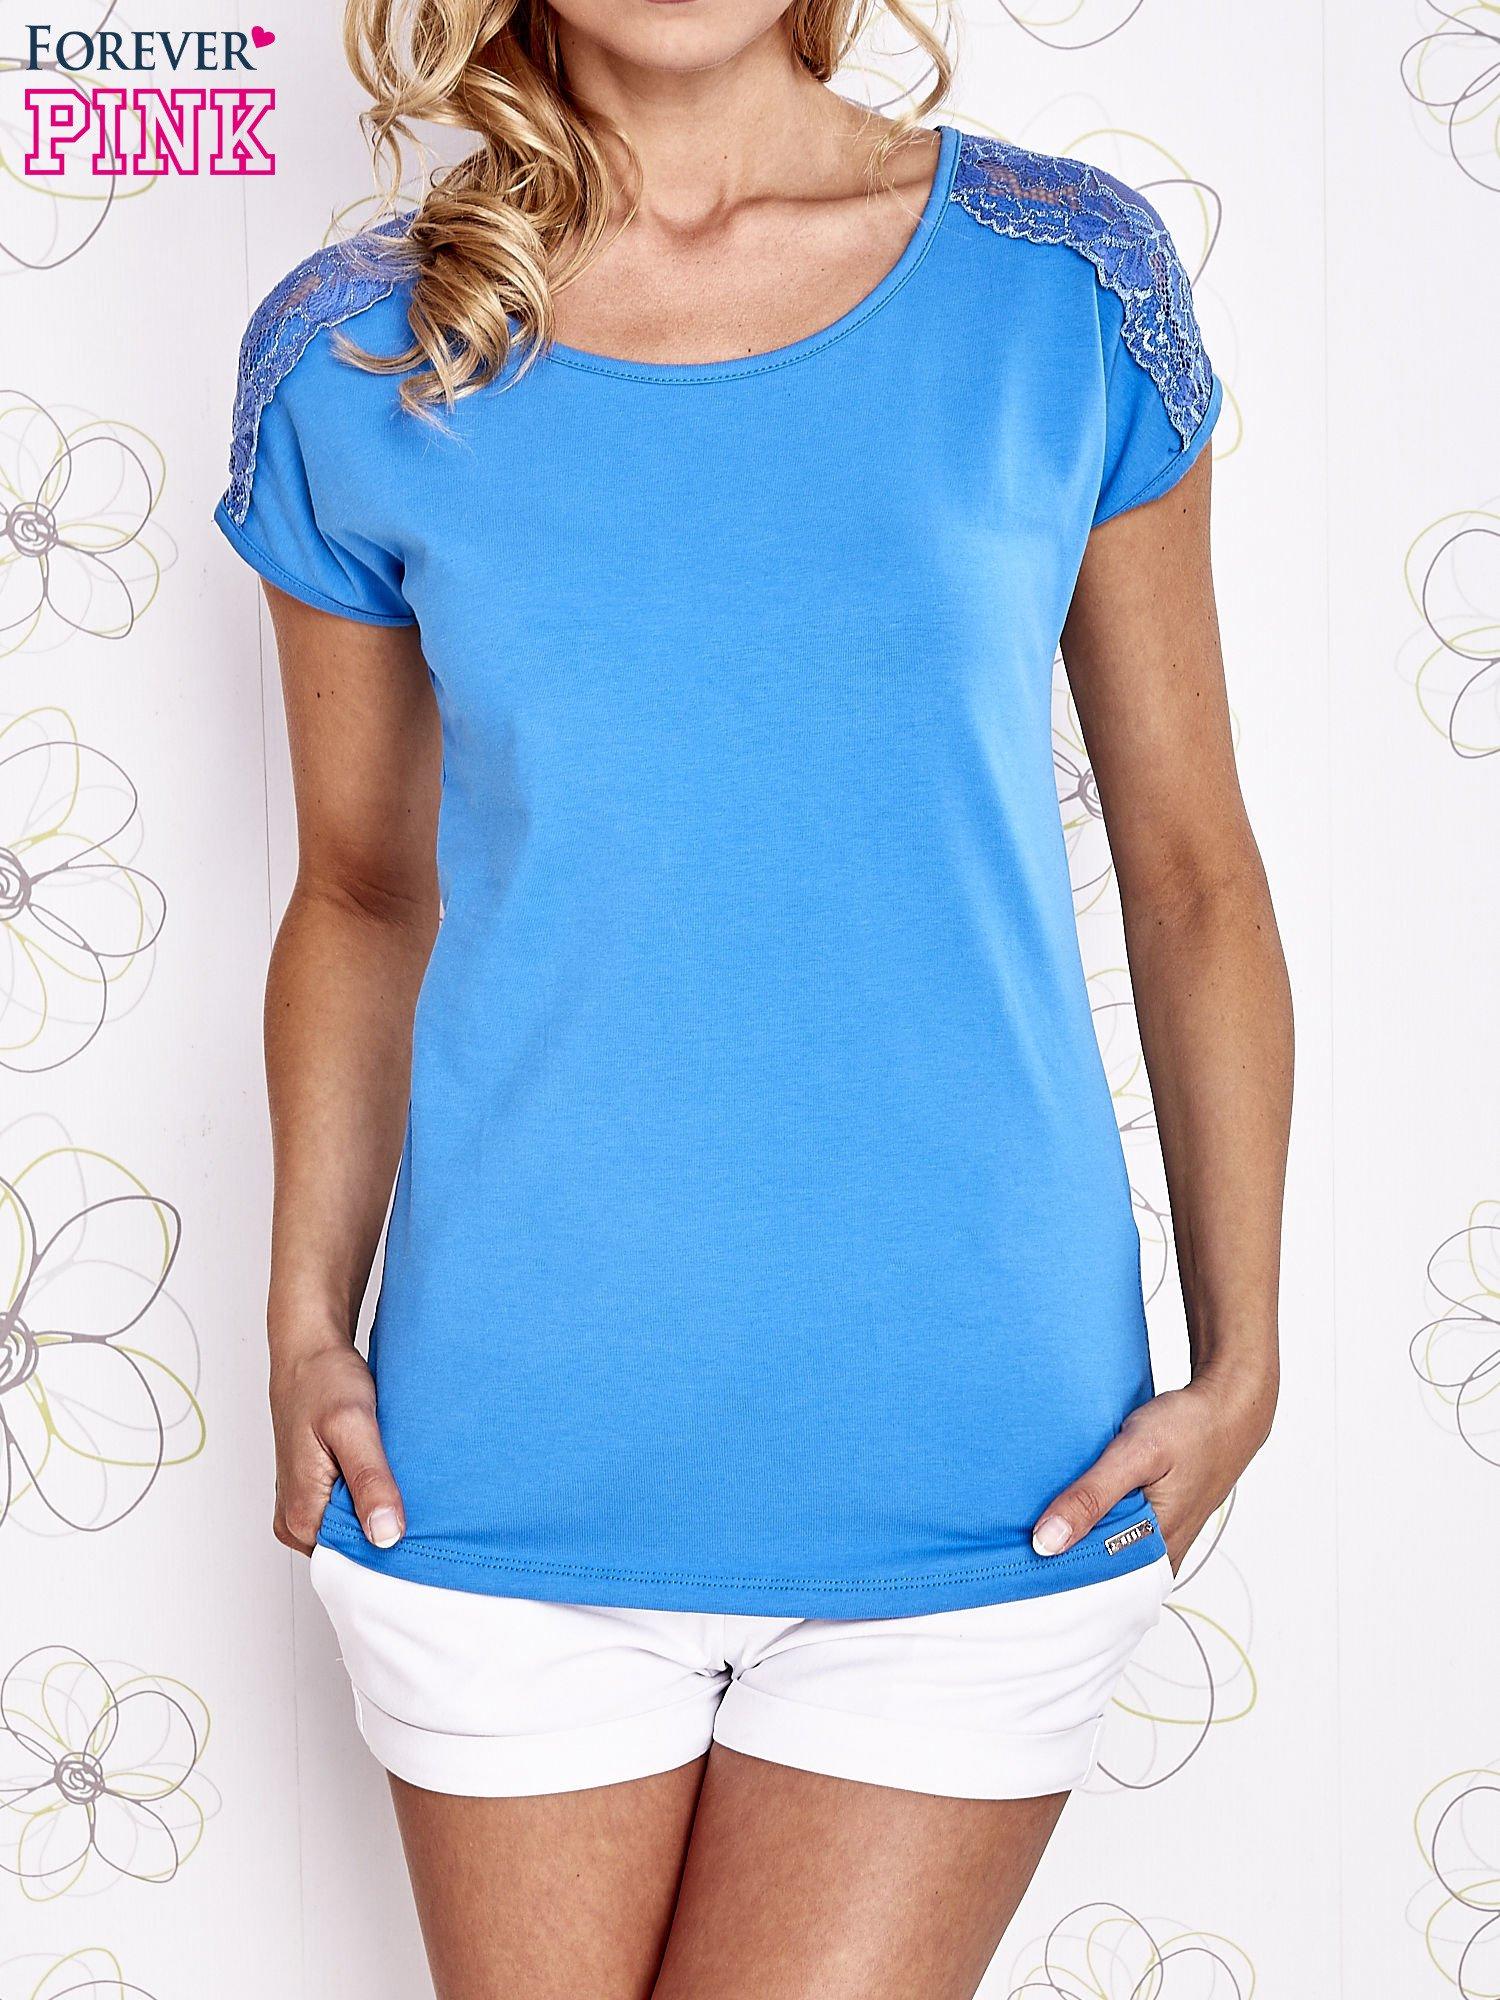 Niebieski t-shirt z koronkowym wykończeniem rękawów                                  zdj.                                  1